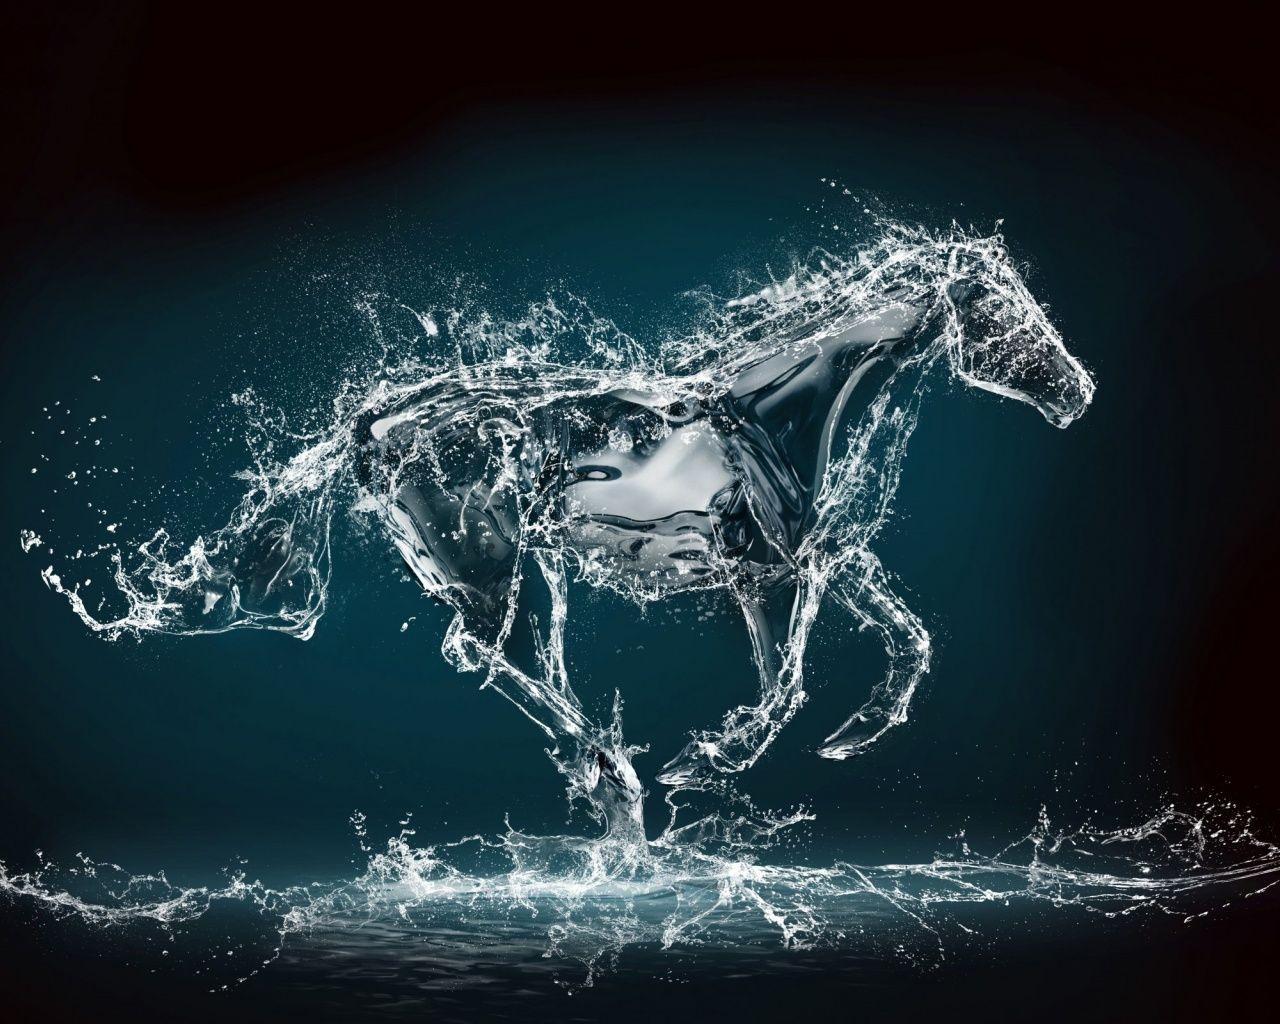 Top Wallpaper Horse Water - a0a2890c61194da6e91e923f04a2ca0e  Snapshot_956387.jpg